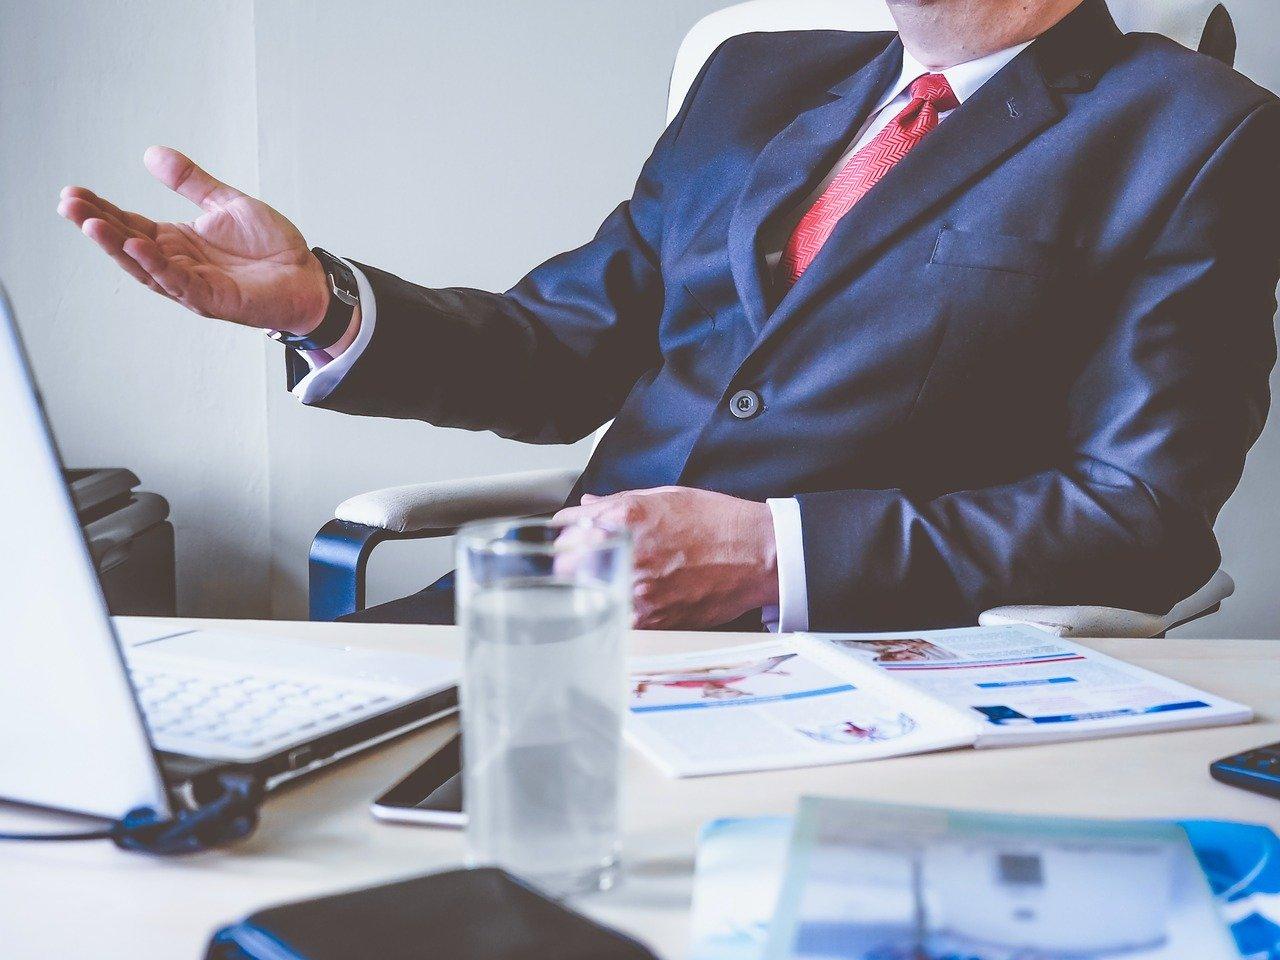 仕事の人間関係へのストレス対処法③高圧的な上司への接し方を知ろう